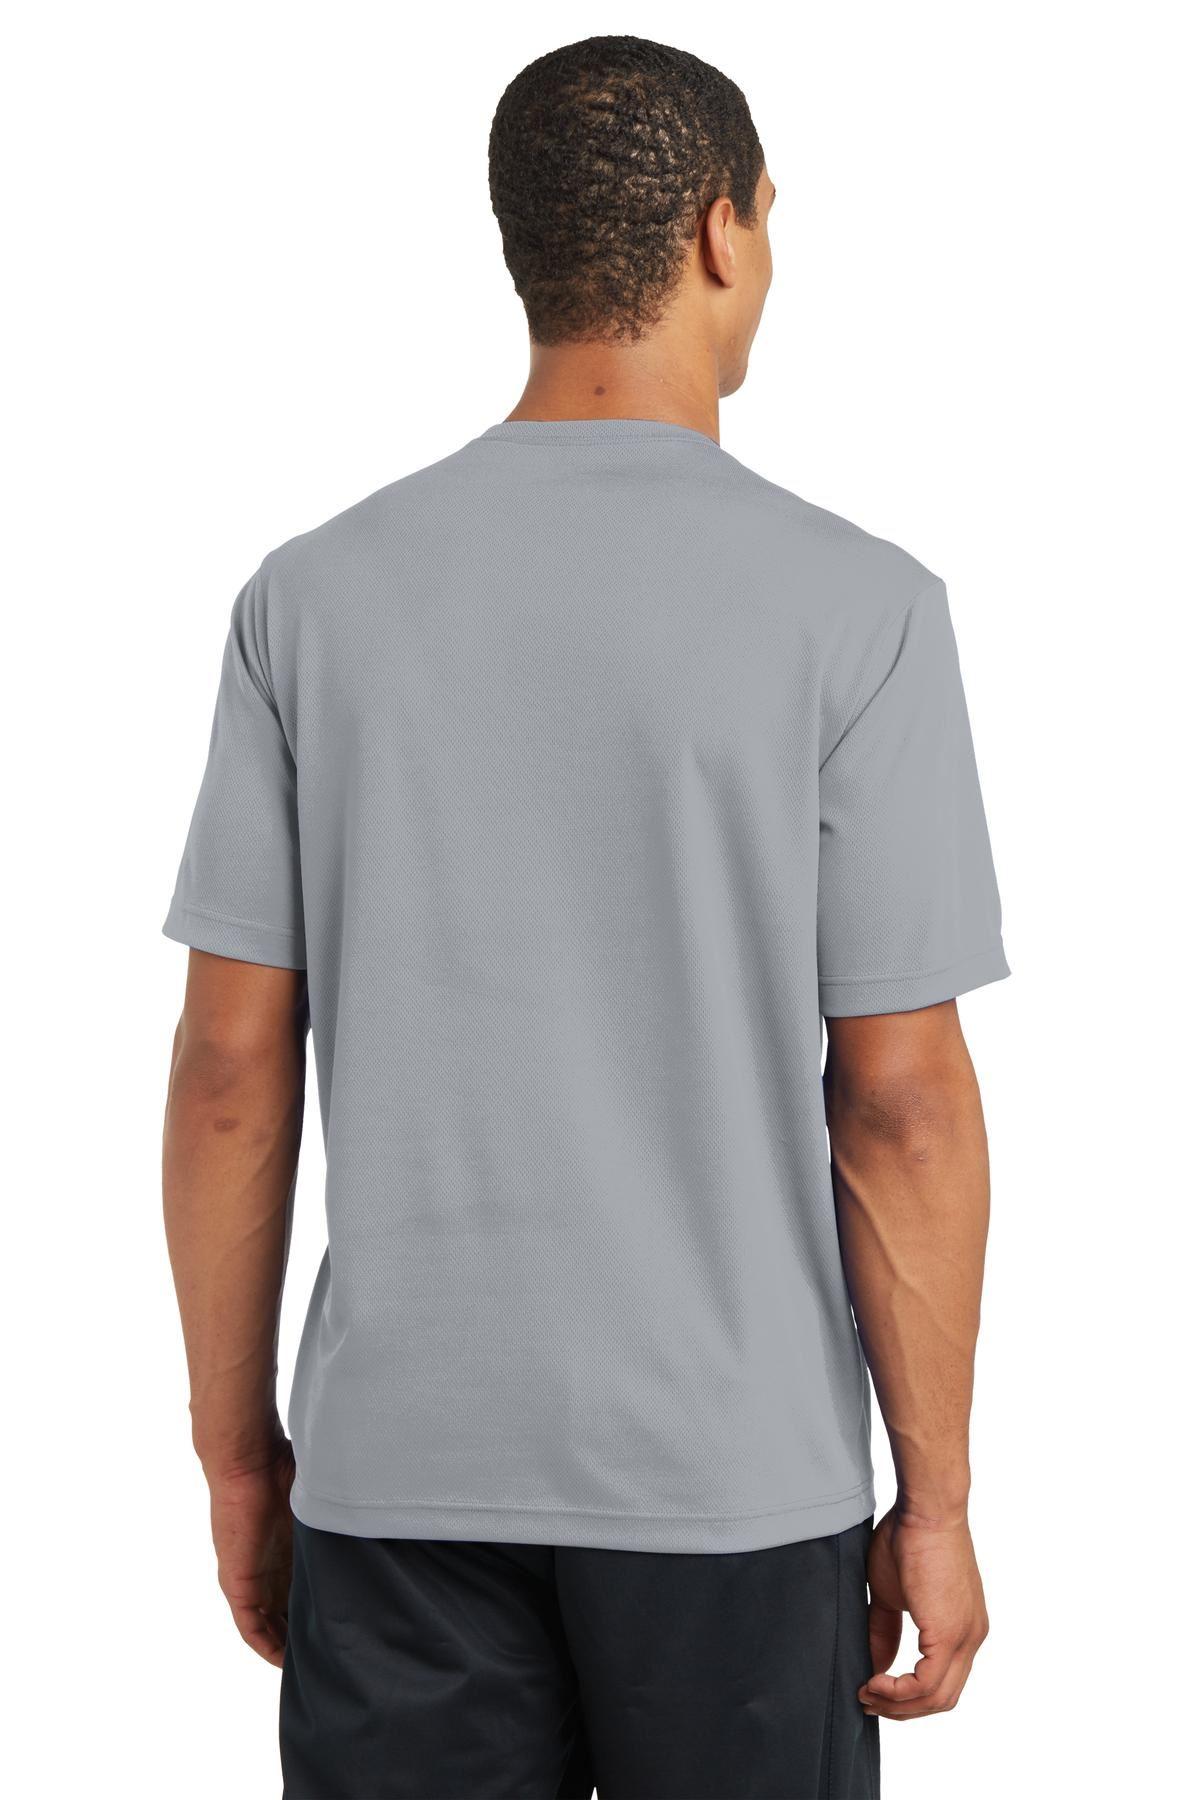 thumbnail 30 - Sport-Tek Men's Dry-Fit RacerMesh Moisture Wicking T-Shirt M-ST340